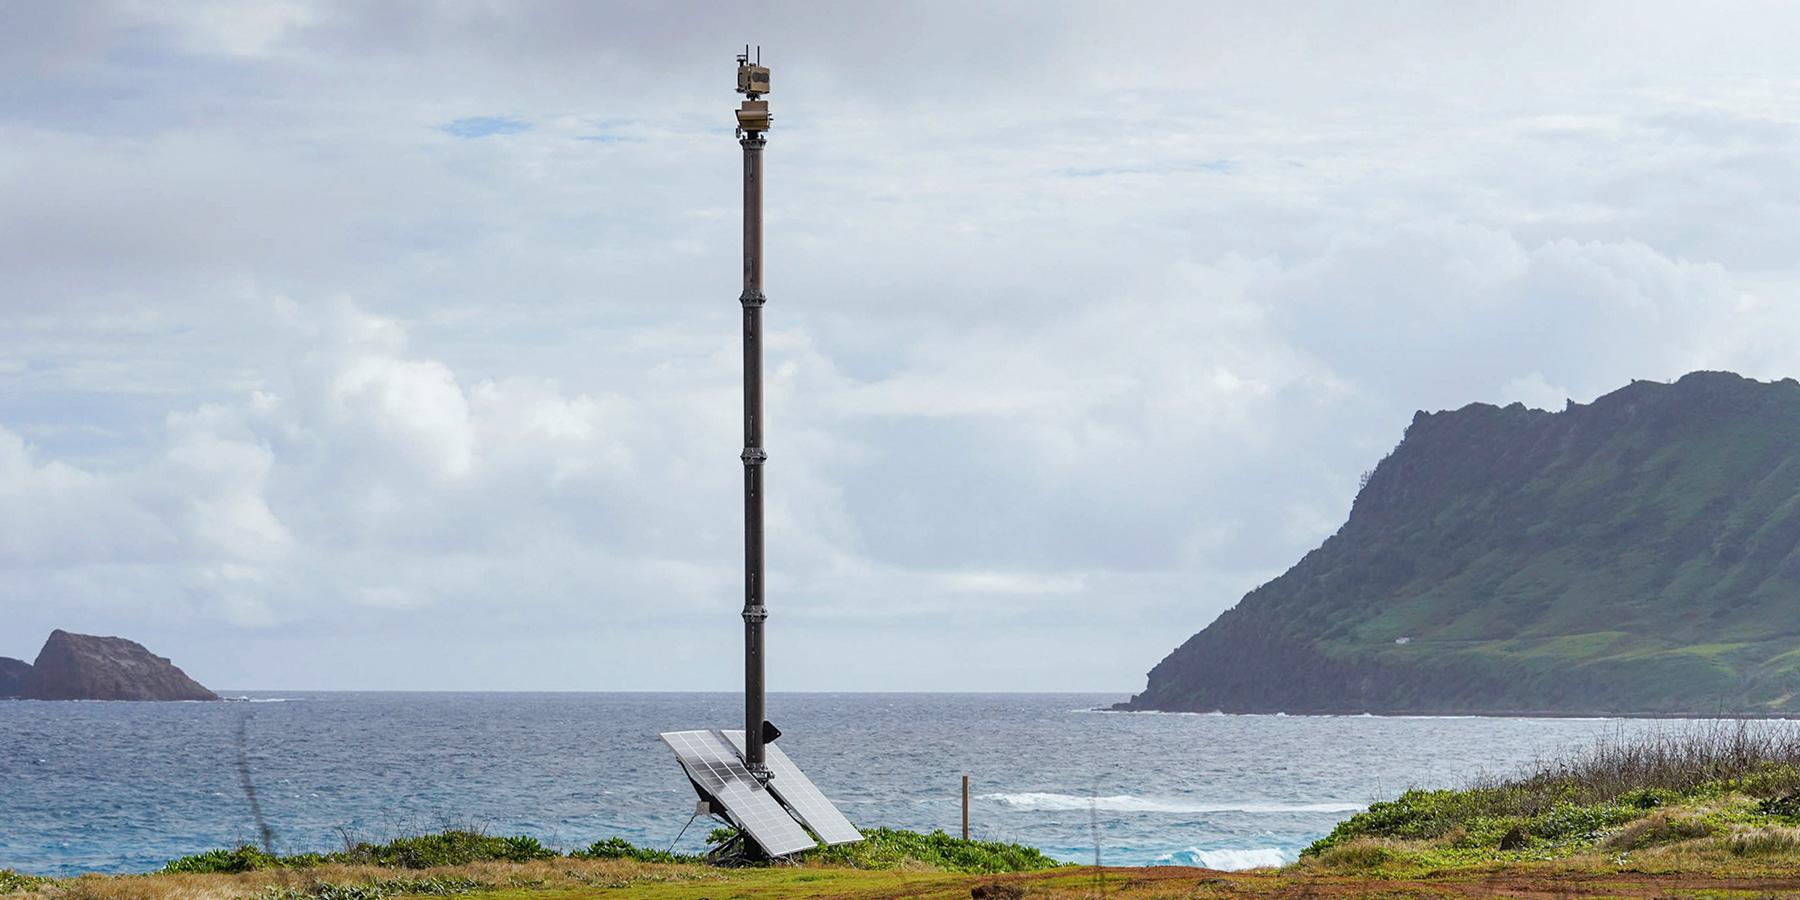 Sentry Tower